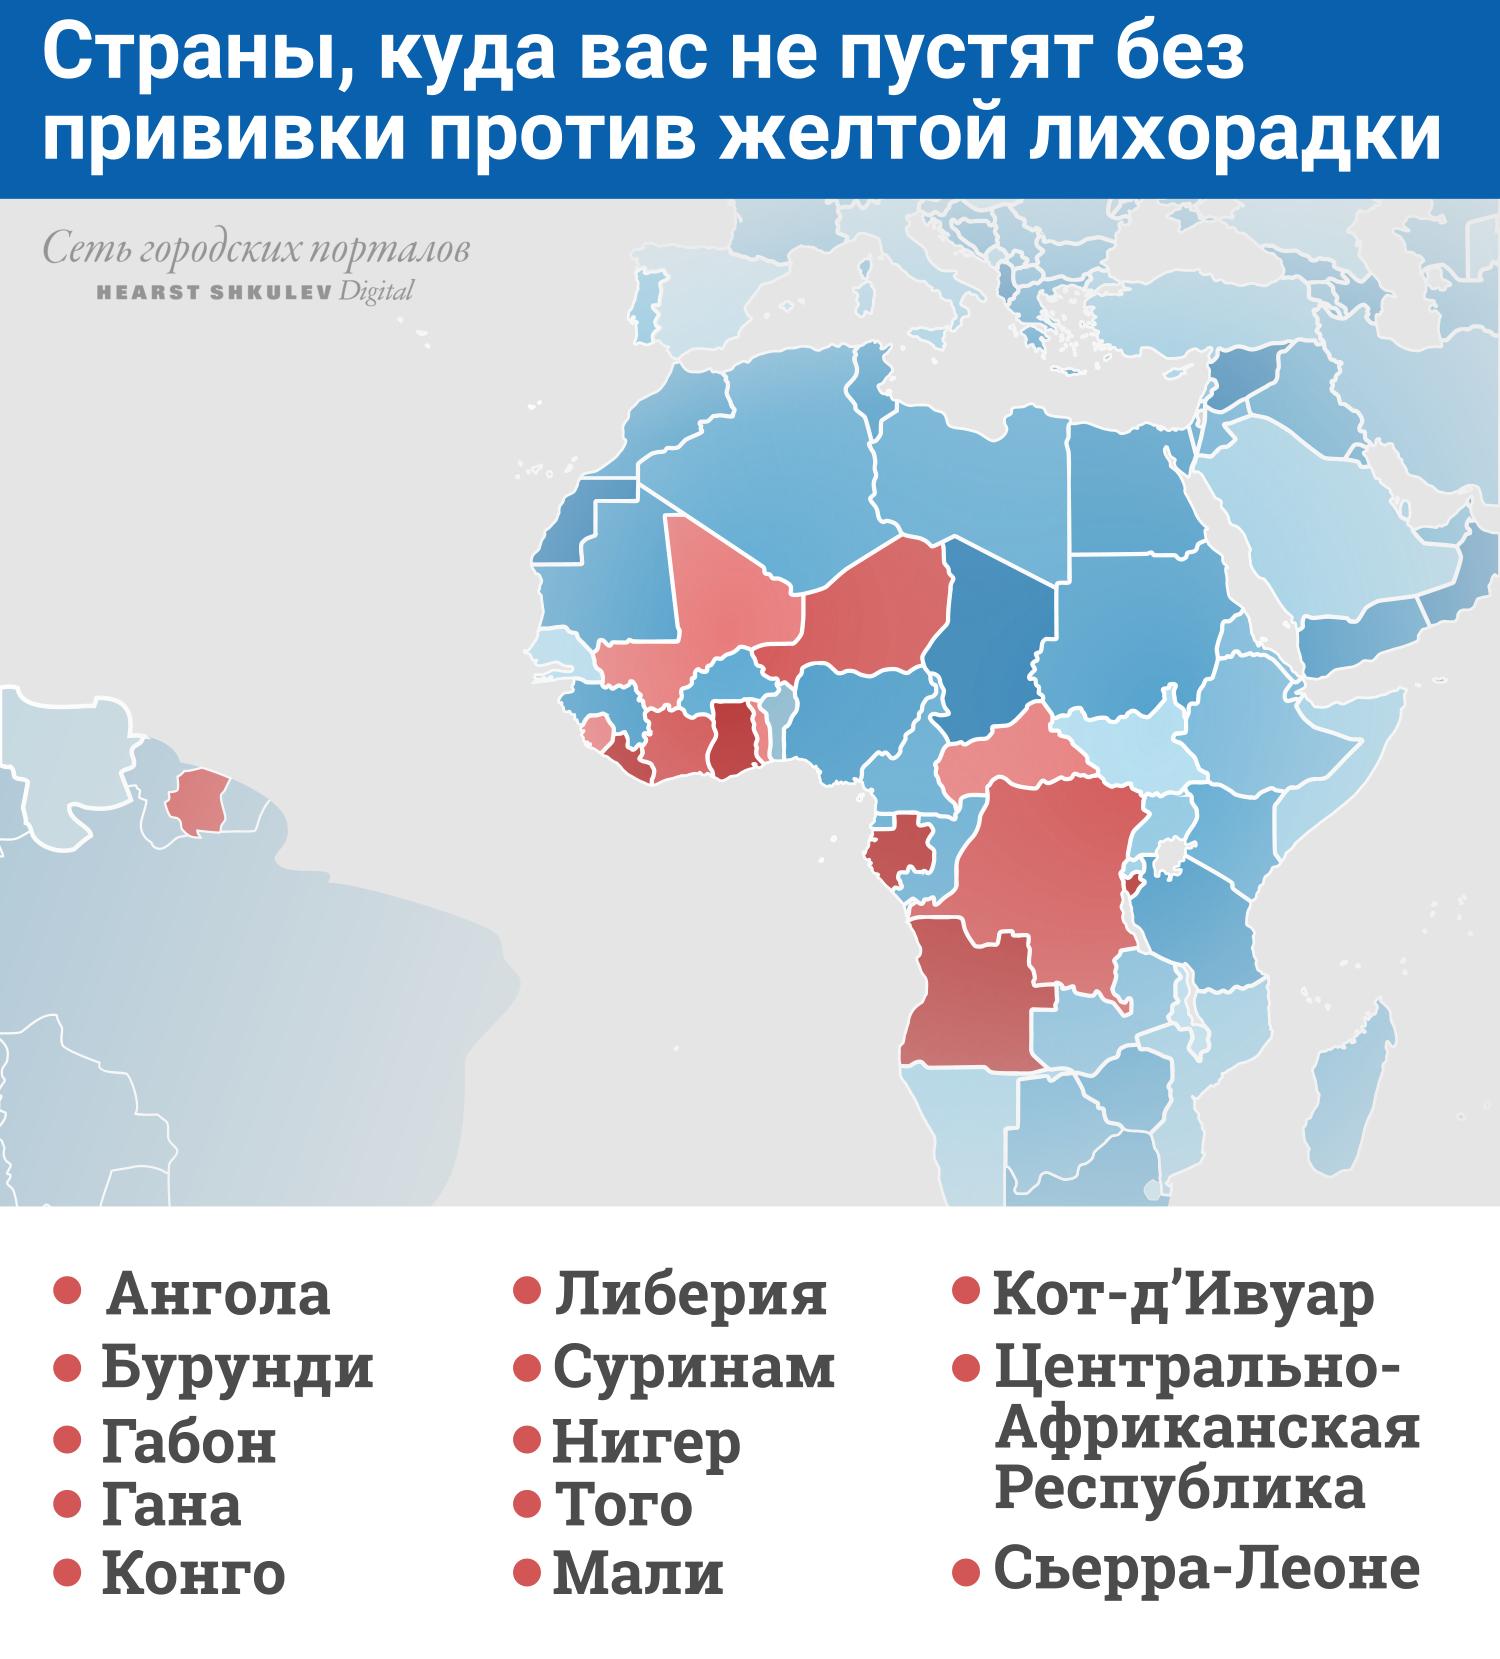 Большинство этих стран скорее подойдут для экстремального туризма. Но туры, например, в Гану или Мали сейчас предлагают часто<br>